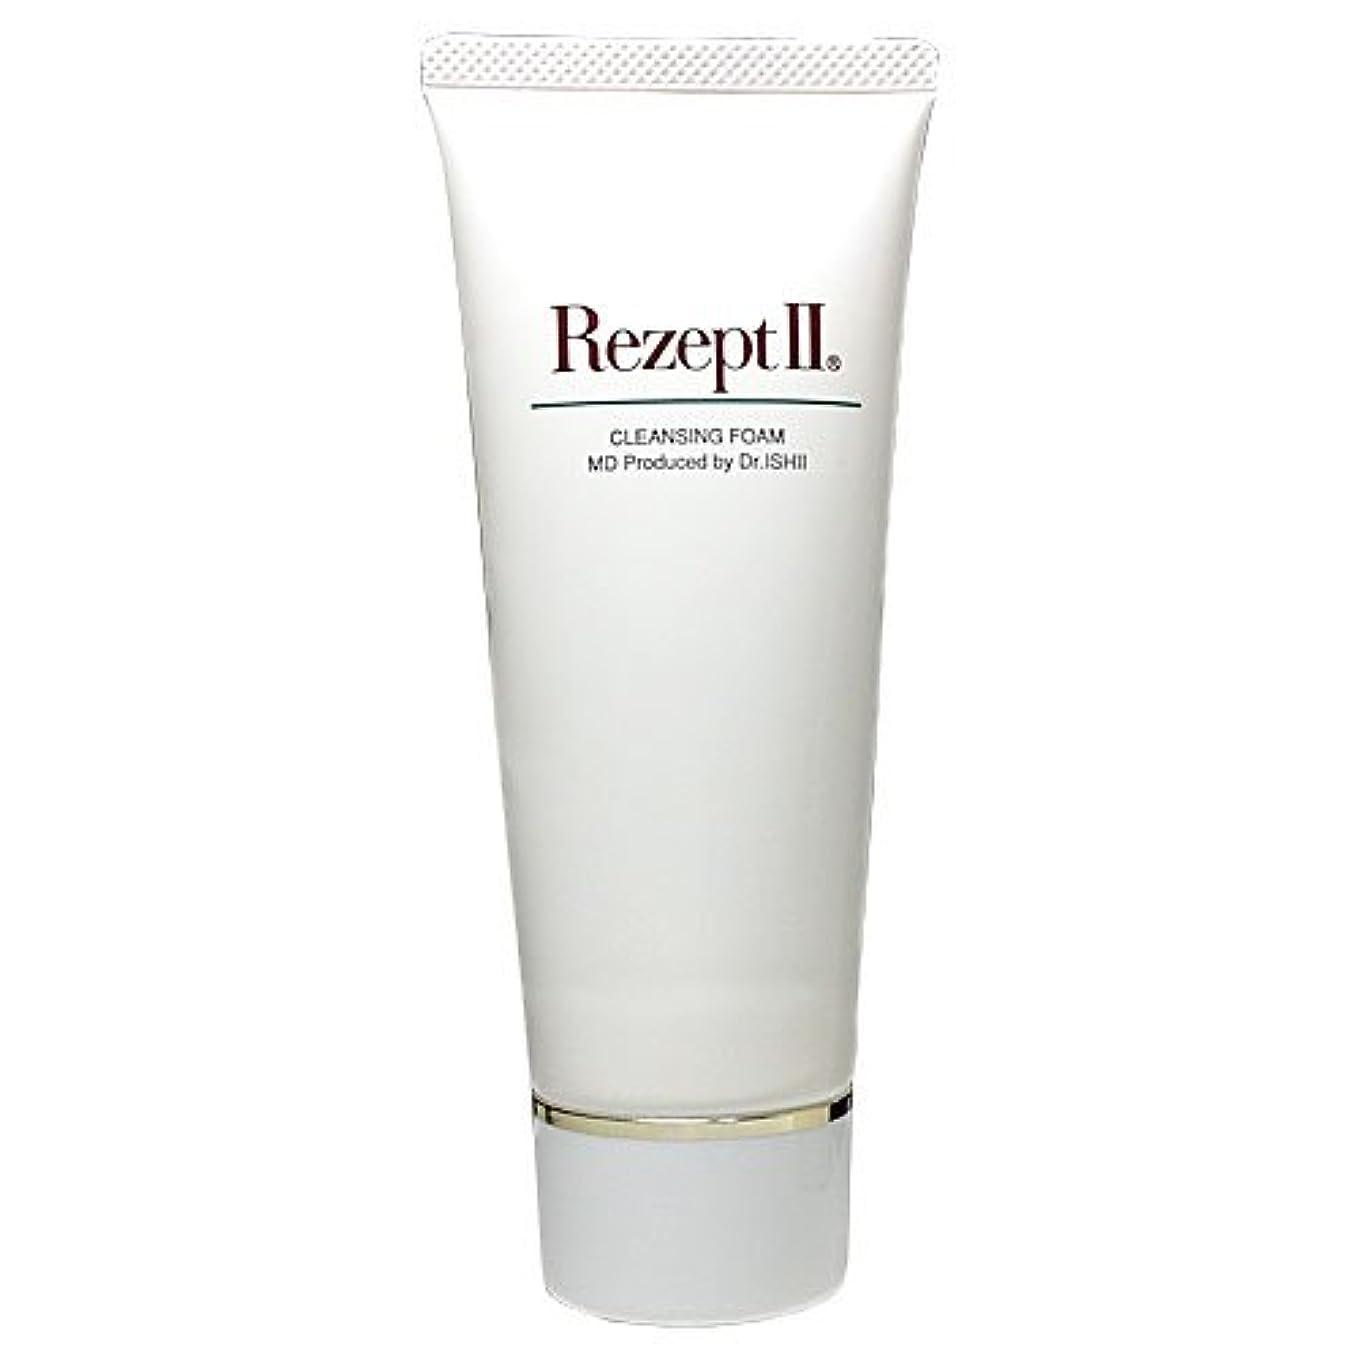 香水毛布ベアリングサークルMD化粧品 レセプト2 クレンジングフォーム 洗顔料 115g